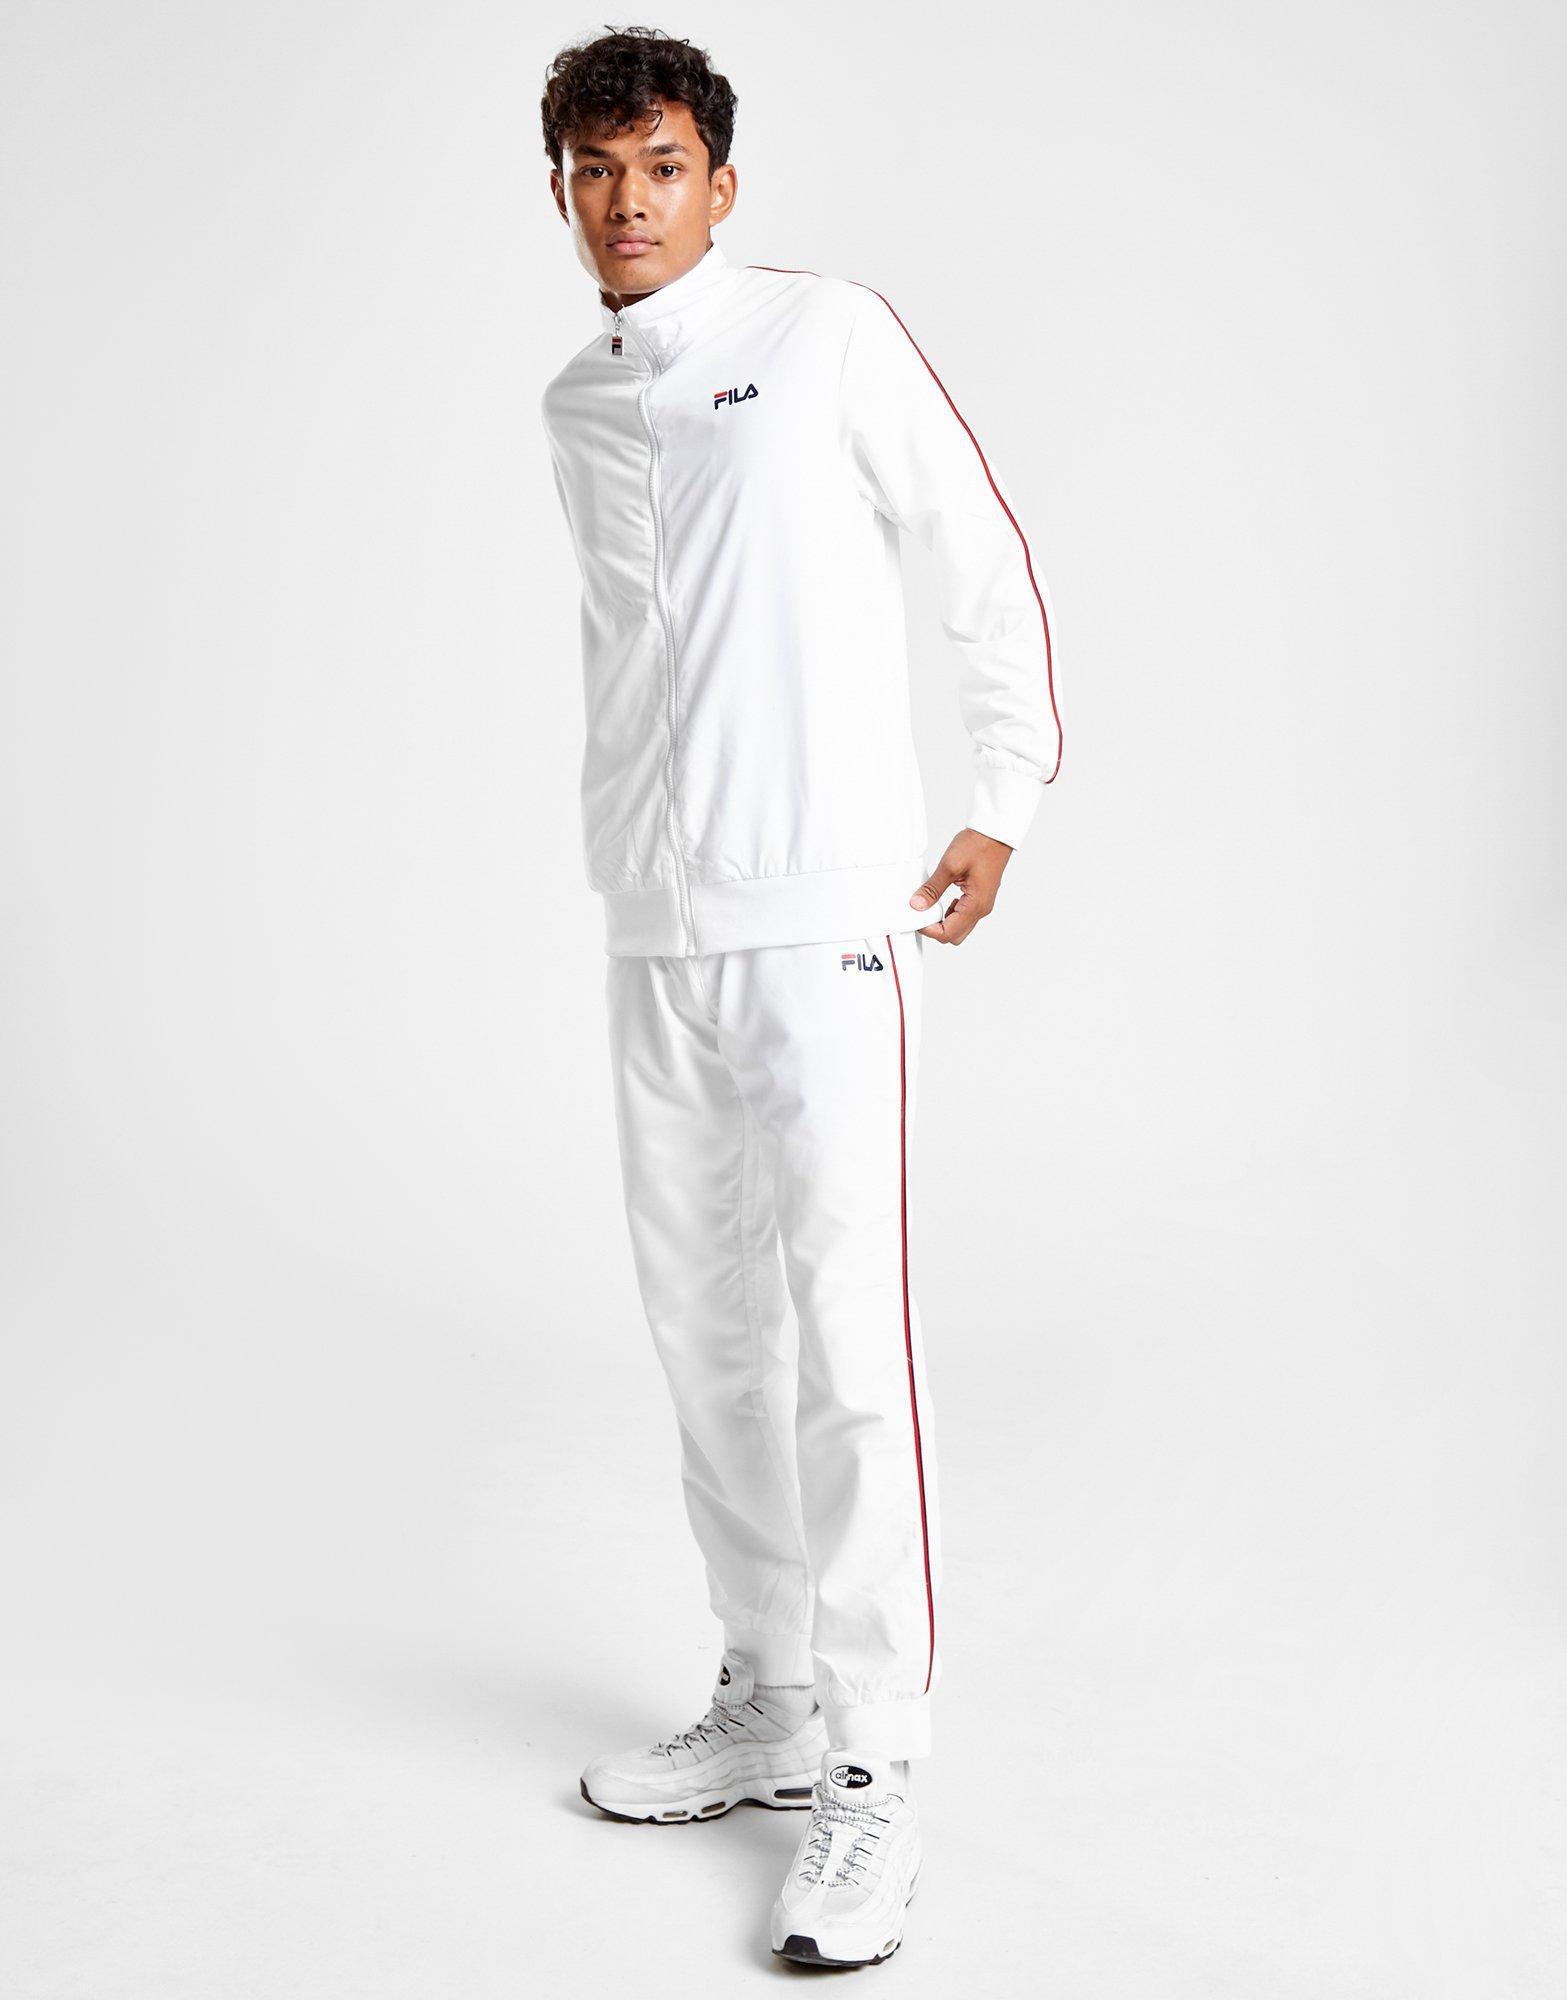 c88b024c3f18e Fila Duane Woven Tracksuit in White for Men - Lyst